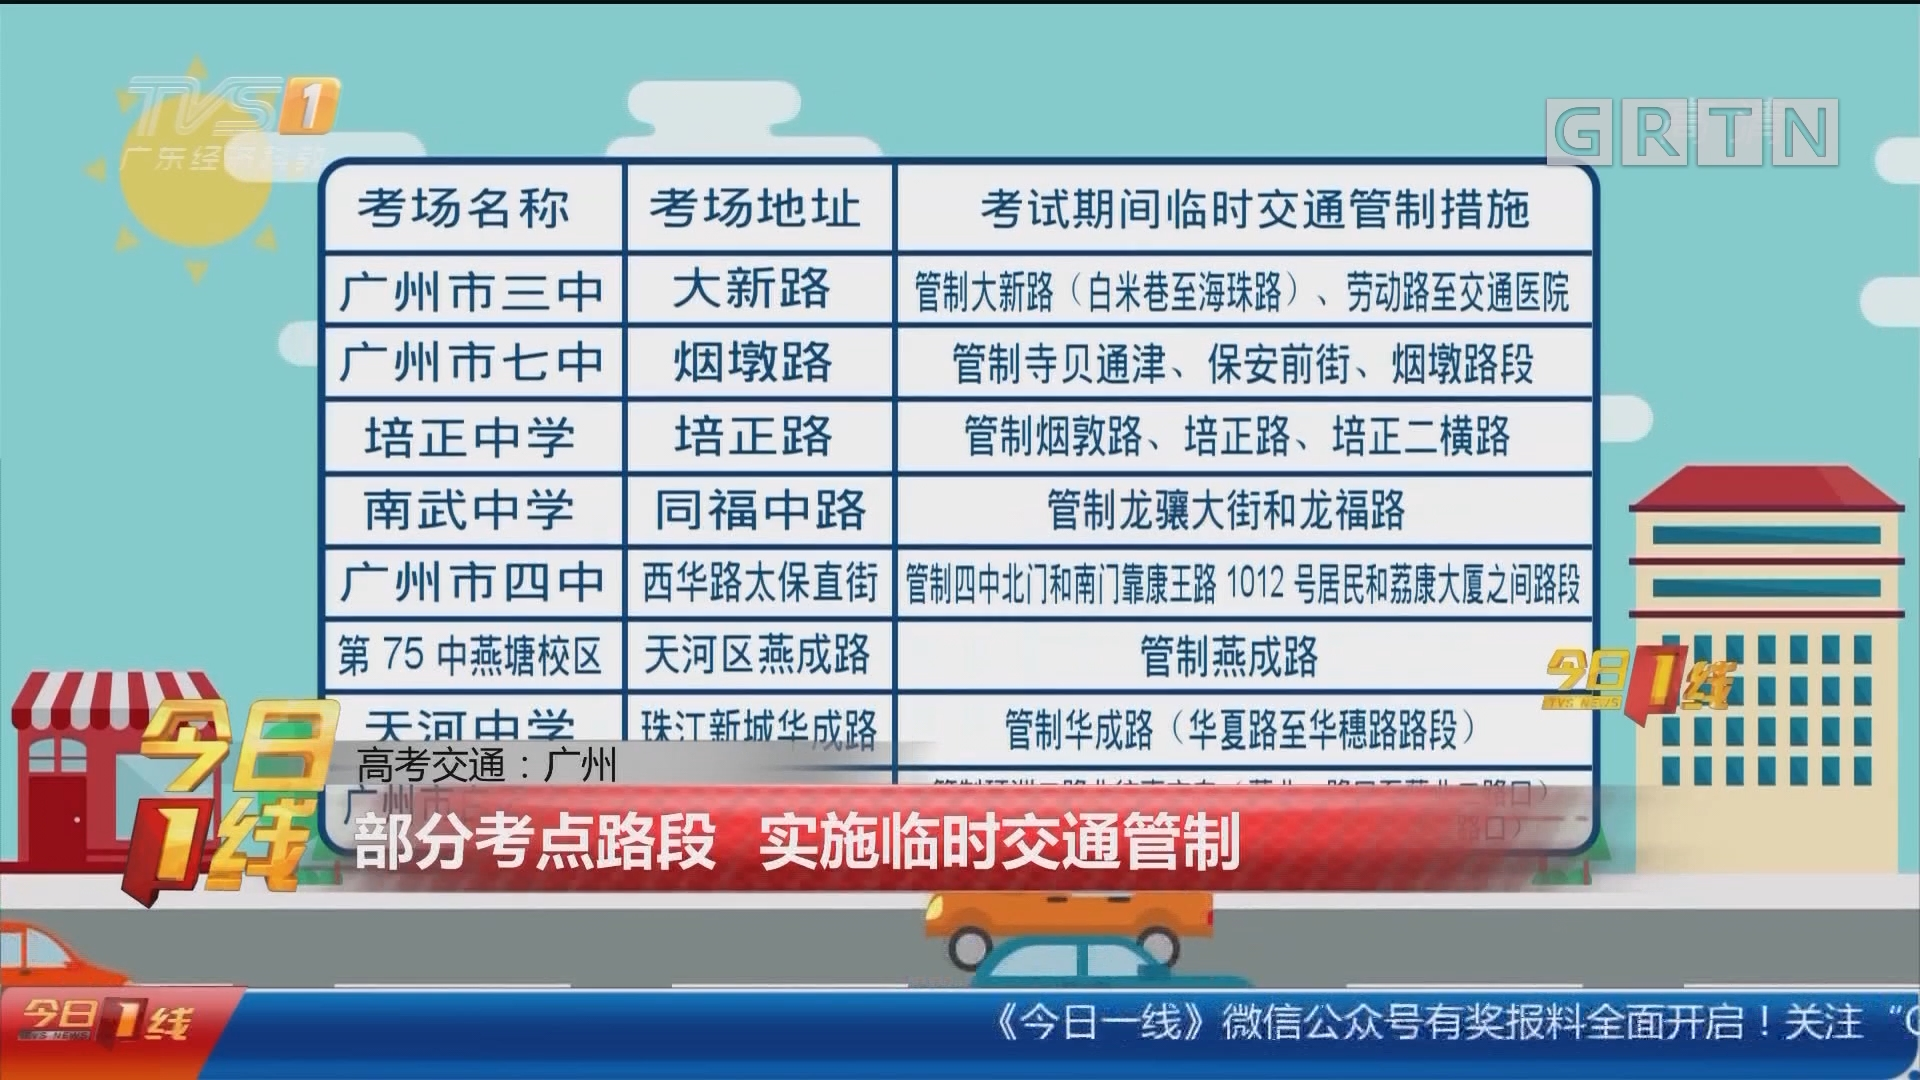 高考交通:广州 部分考点路段 实施临时交通管制